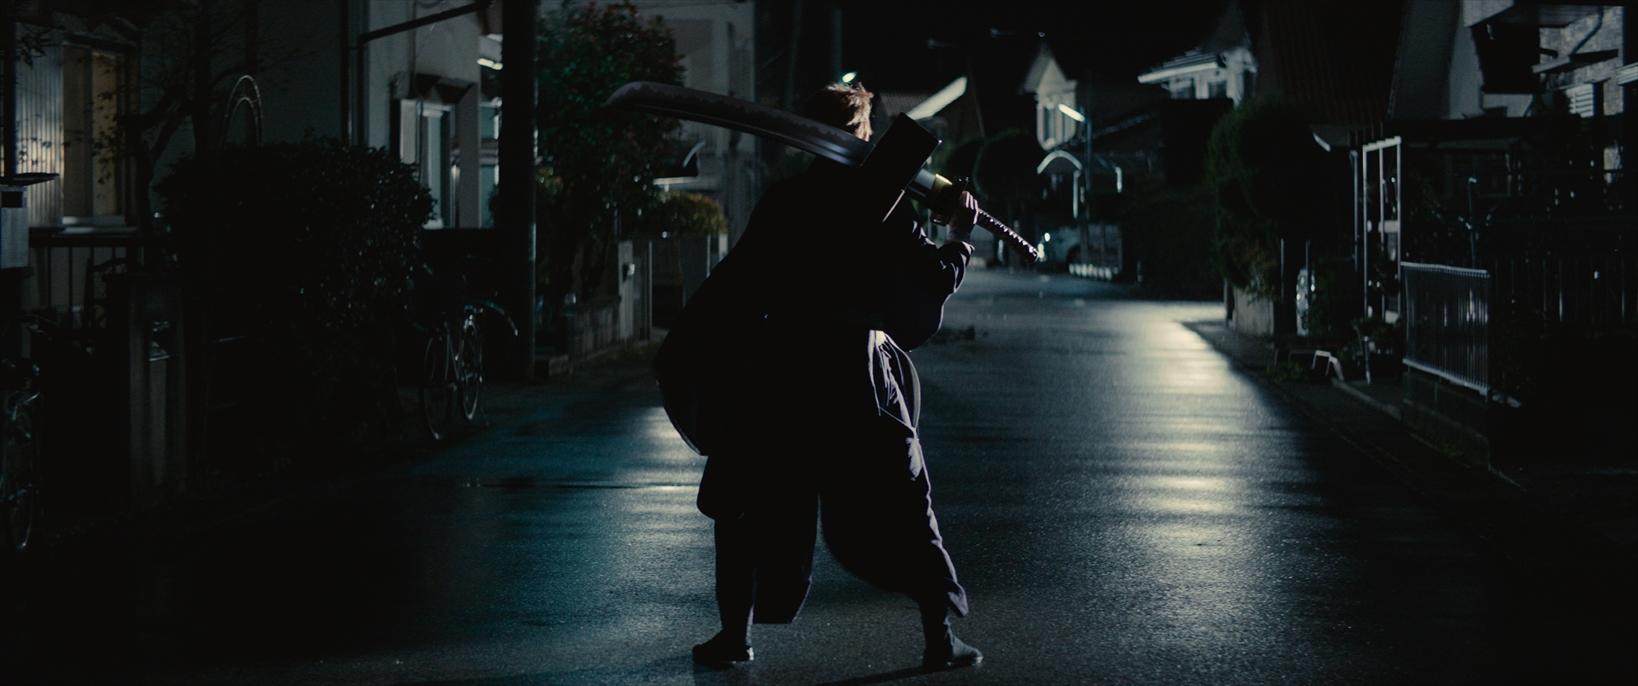 2017年 大ヒット&高評価を得た日本映画は?そして人気コミック実写化が続く2018年の注目作を解説